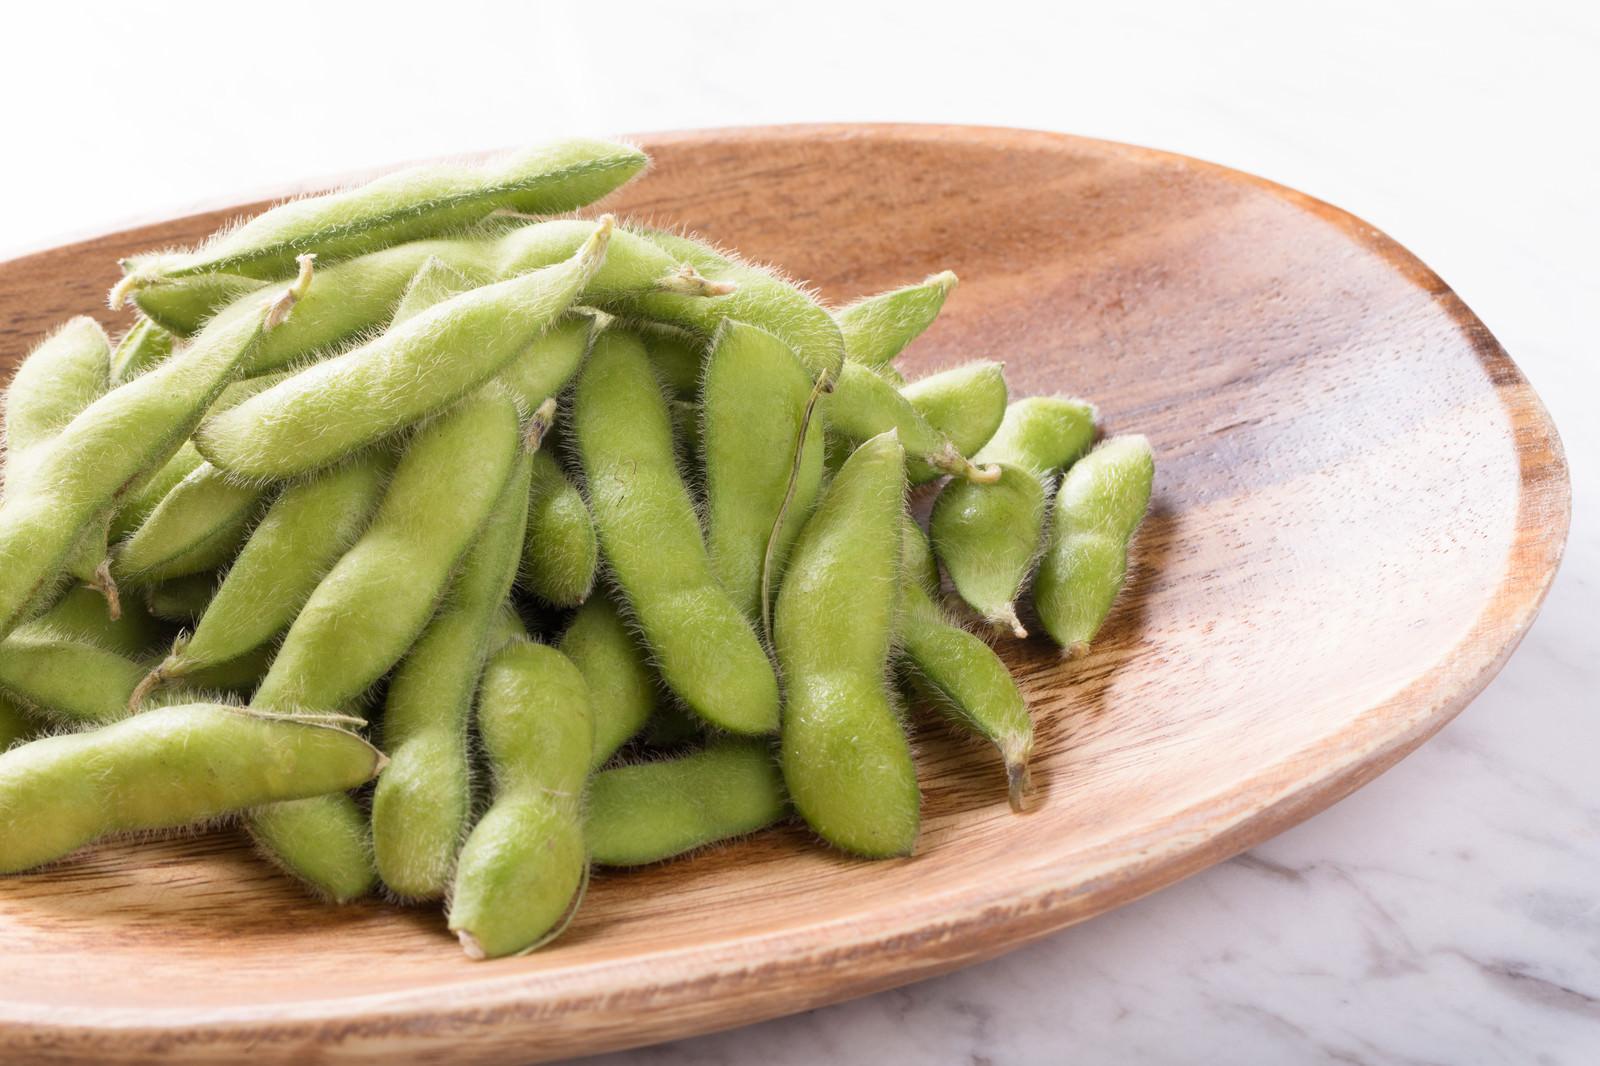 「木のお皿に乗った枝豆」の写真